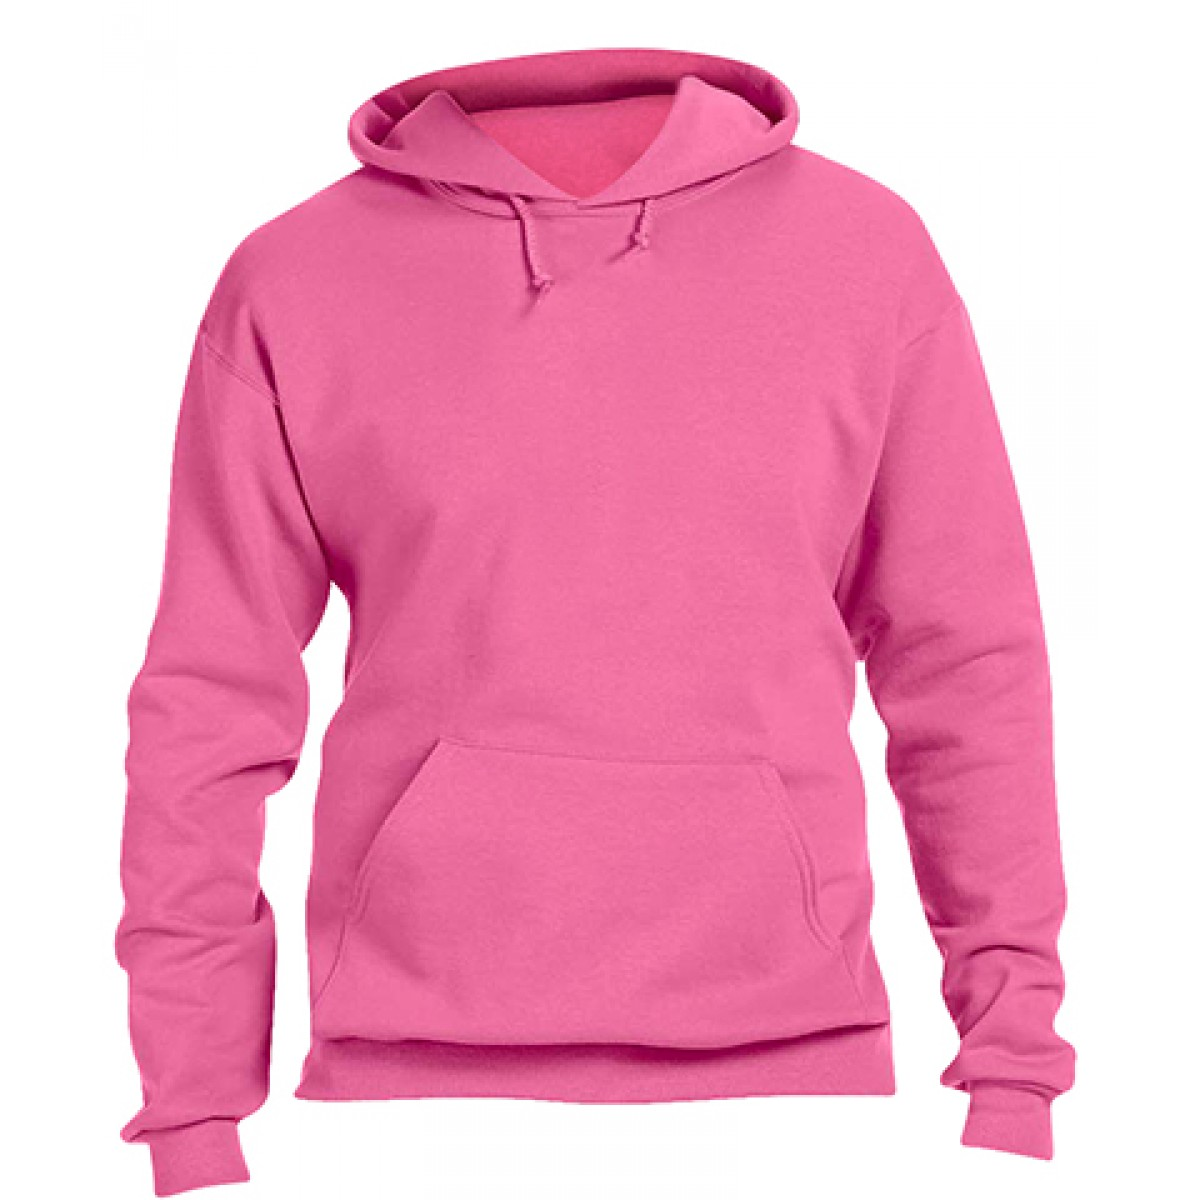 Pullover Hood 50/50 Preshrunk Fleece-Neon-Pink-L